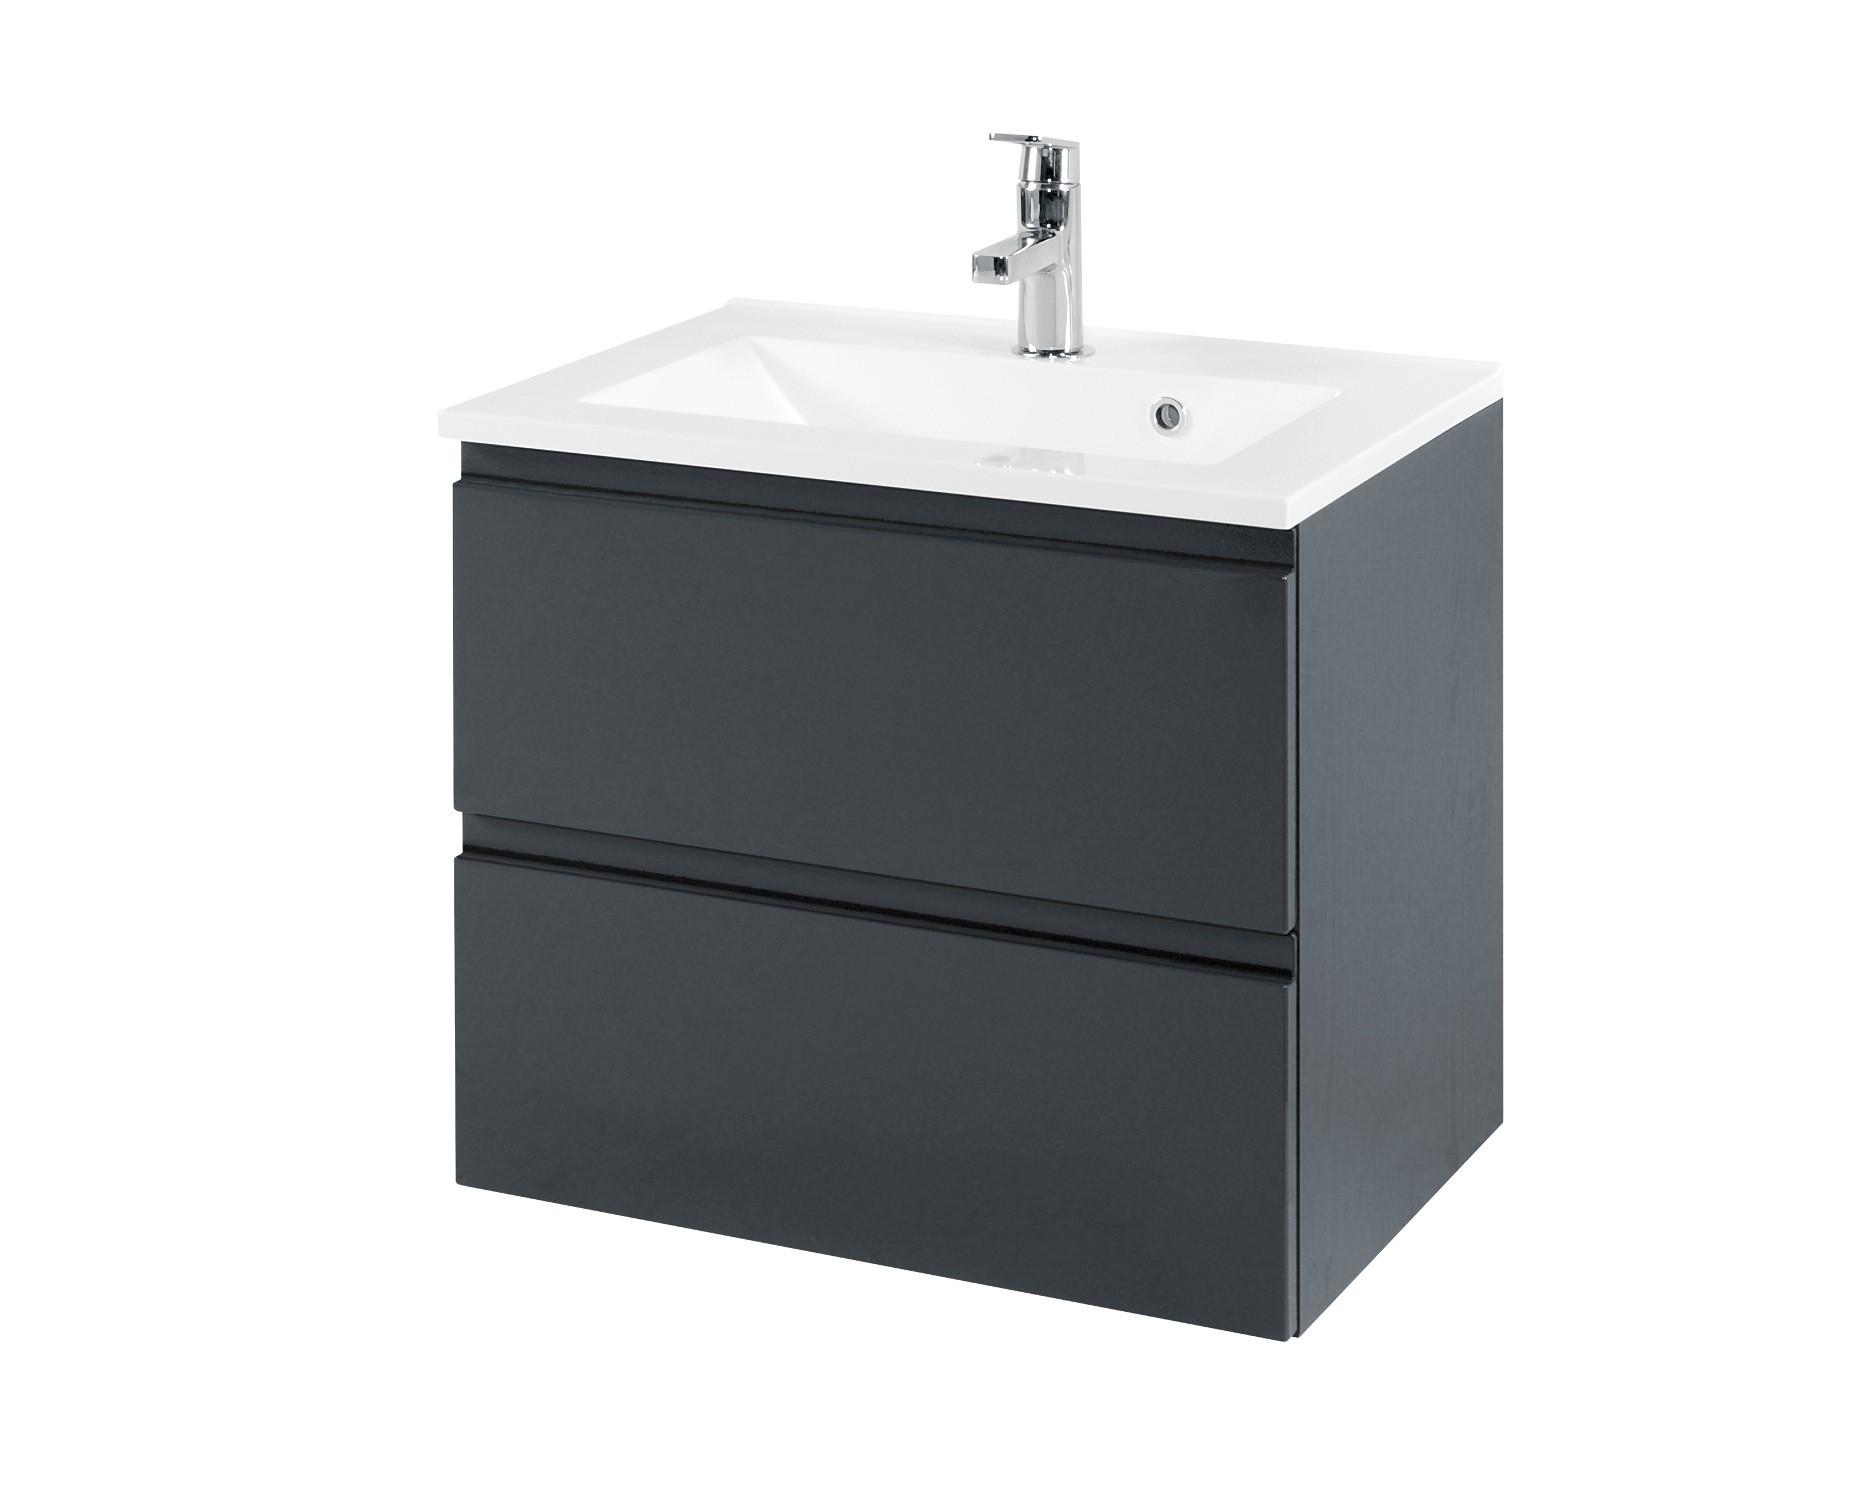 neu badezimmer waschtisch mit becken cardiff waschplatz 60 cm grau ebay. Black Bedroom Furniture Sets. Home Design Ideas